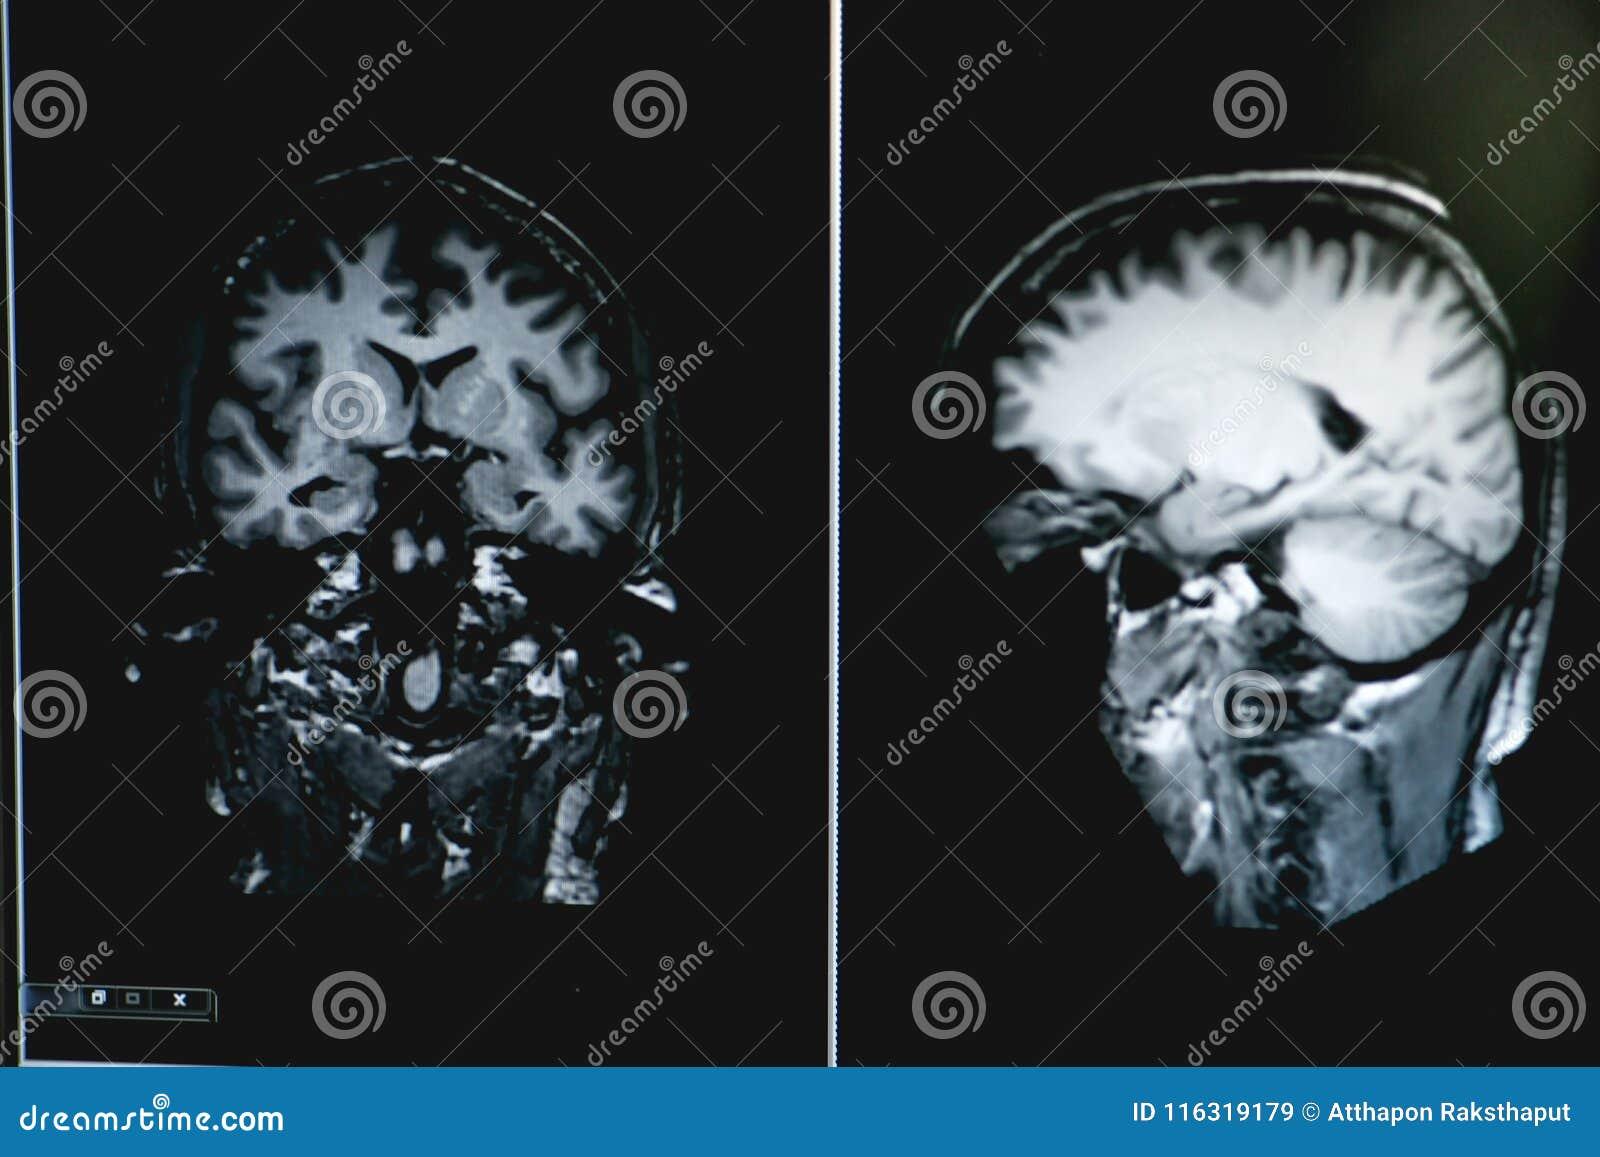 Demens på MRI-filmen hjärndemens